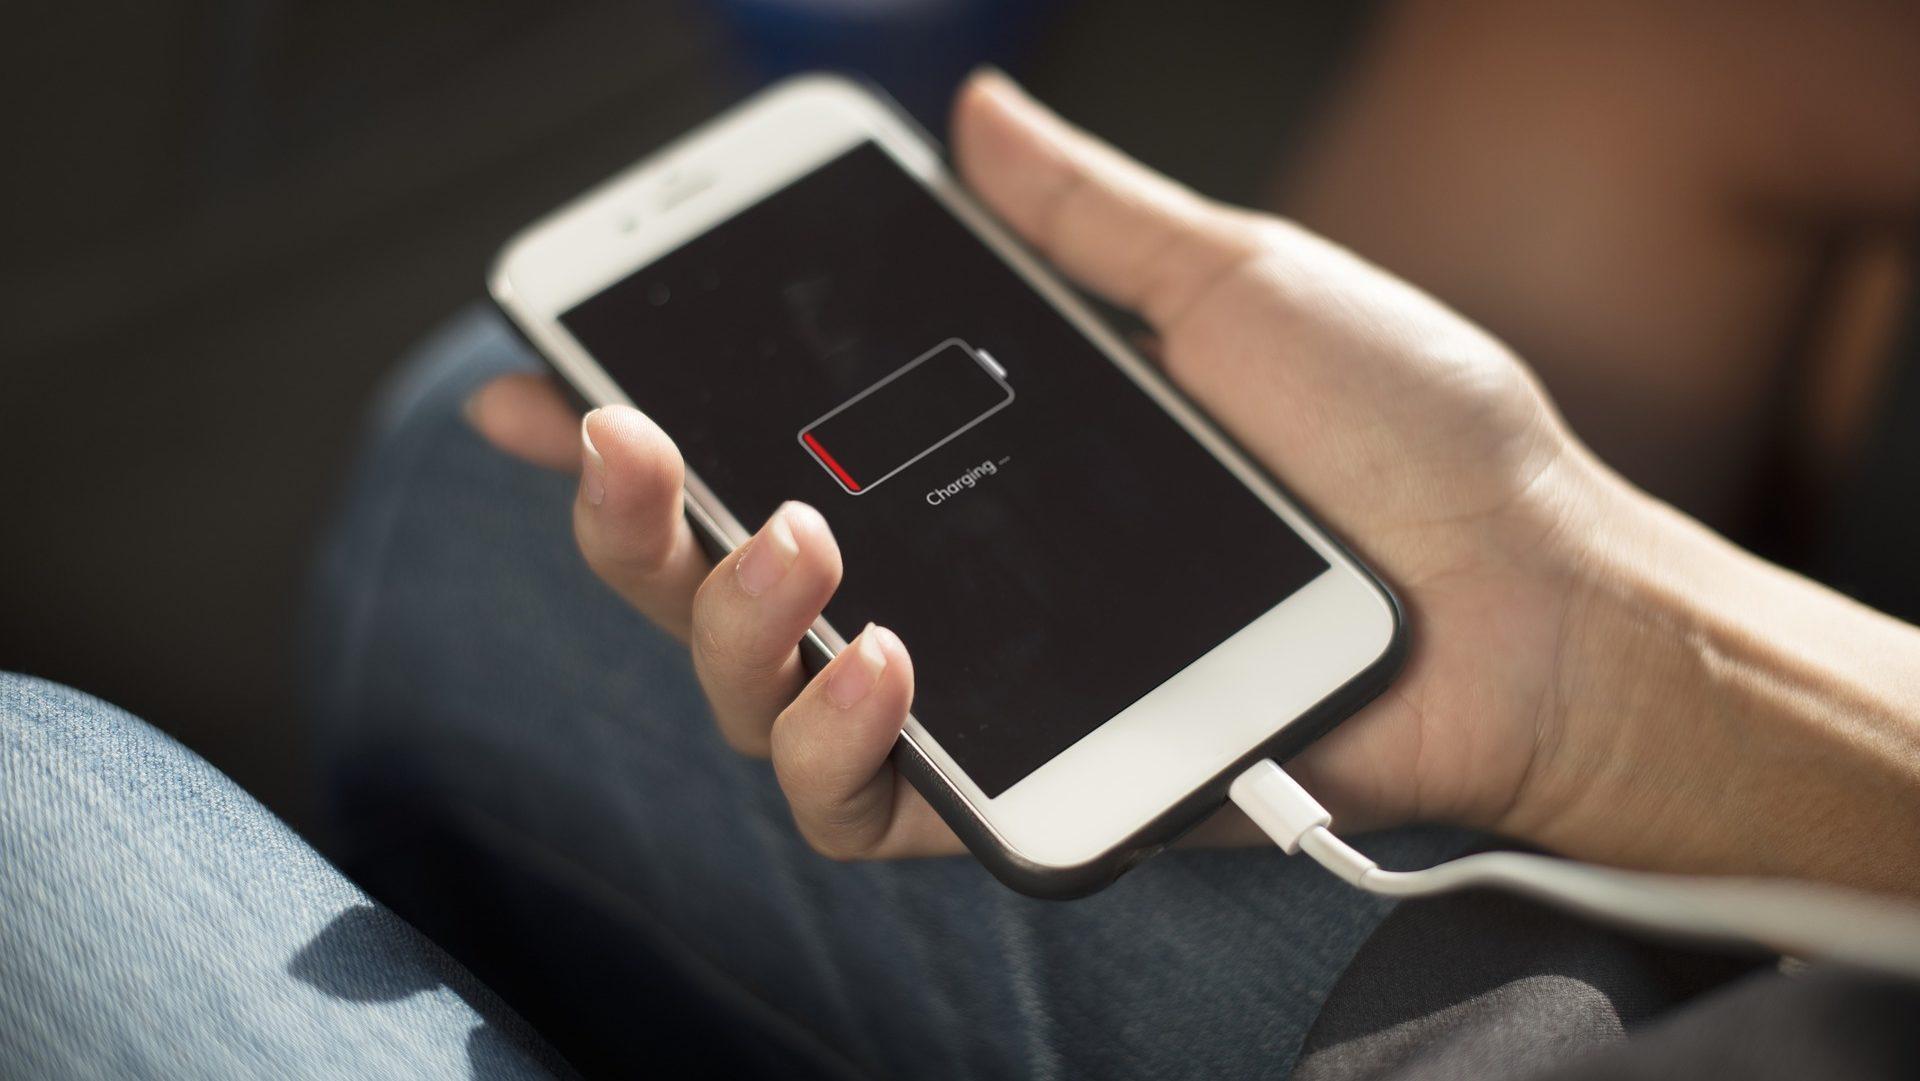 telefon pil ömrü uzatma yöntemleri nelerdir